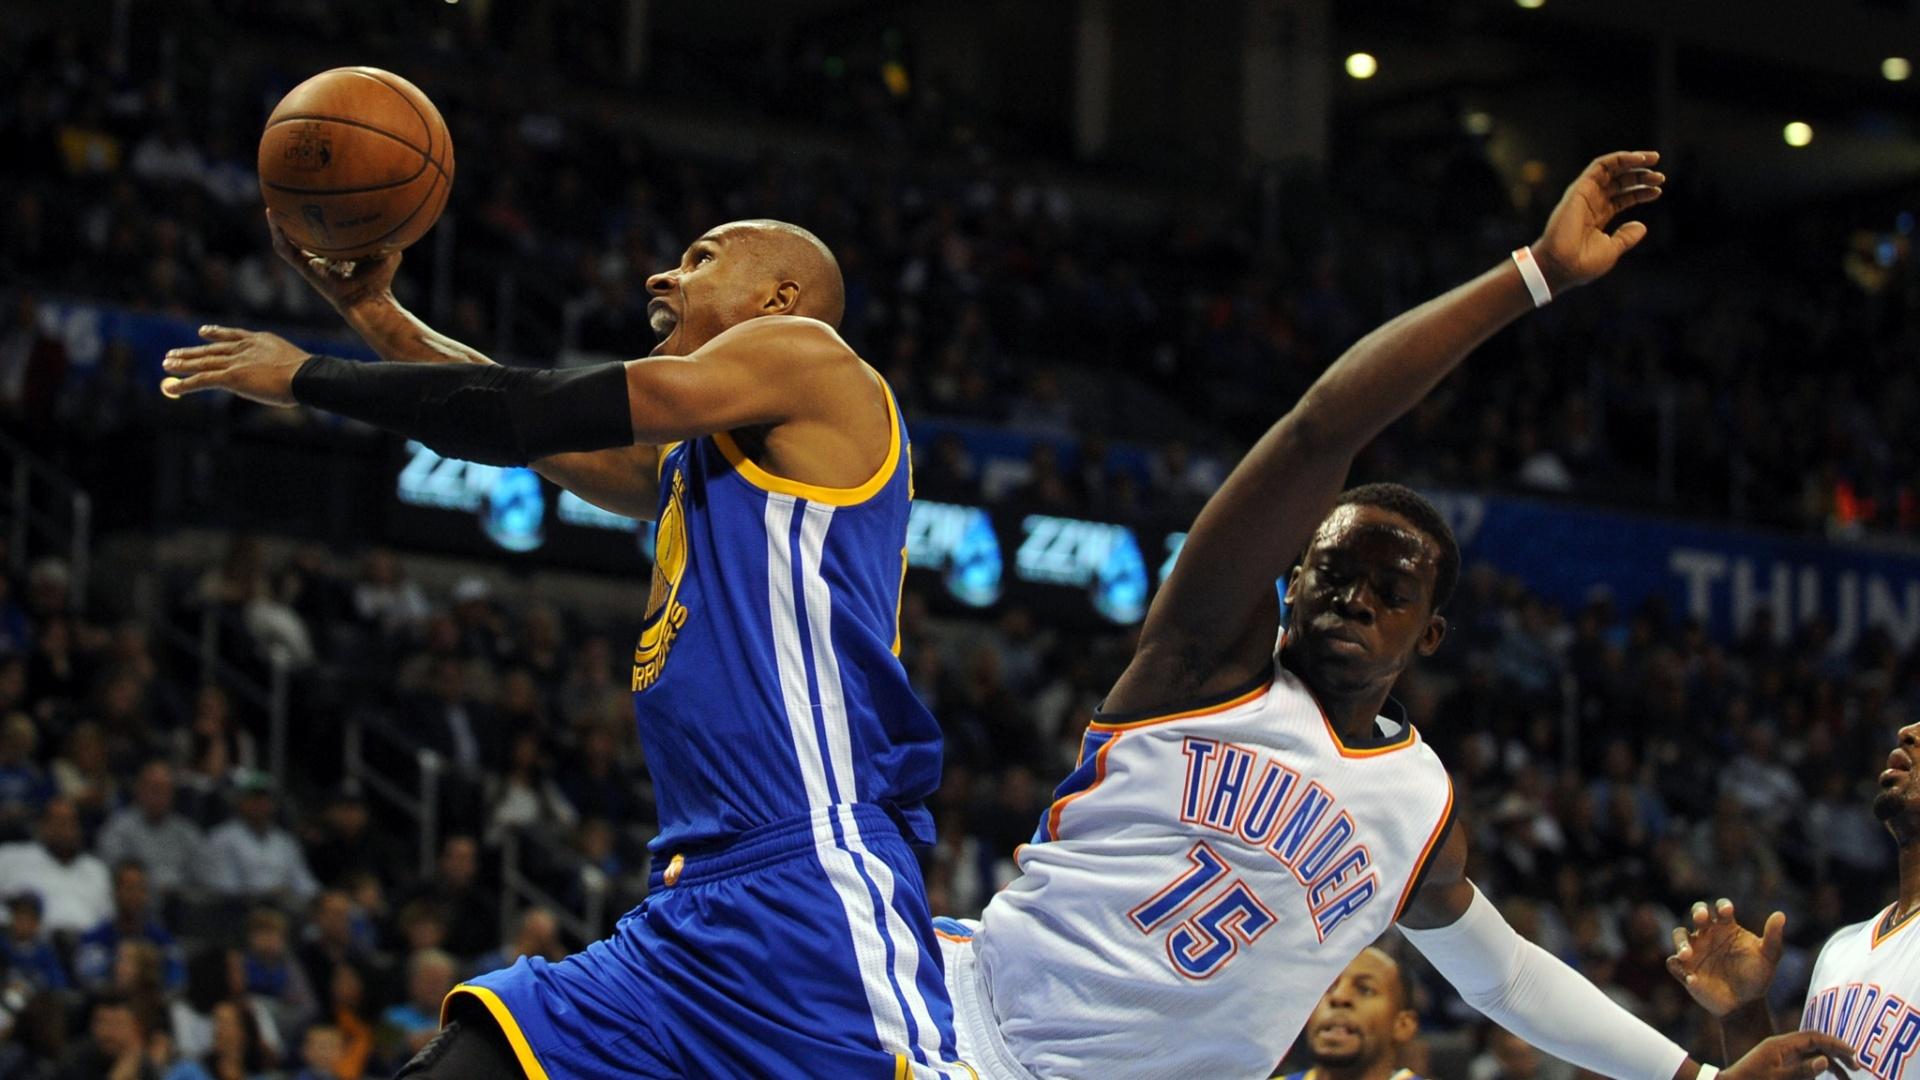 23.nov.2014 - Brasileiro Leandrinho tenta a bandeja em vitória do Golden State Warriors sobre o Oklahoma City Thunder